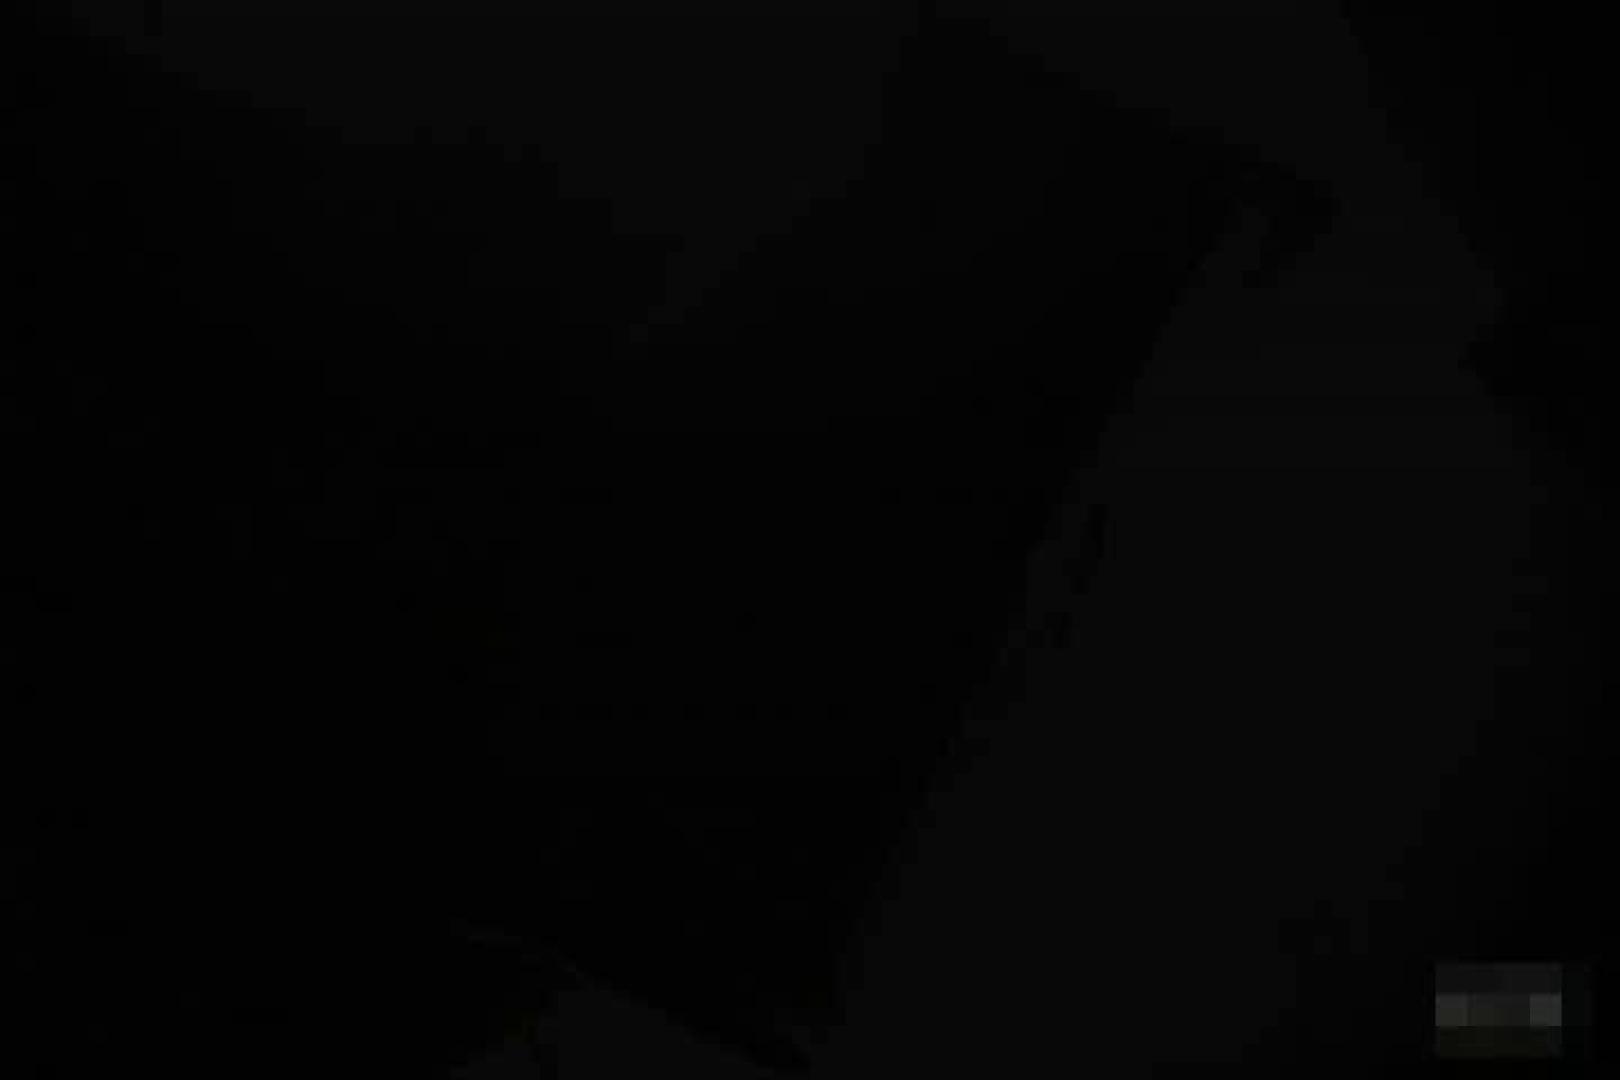 パンチラ七変化!!Vol.14 接写 隠し撮りオマンコ動画紹介 58PICs 3